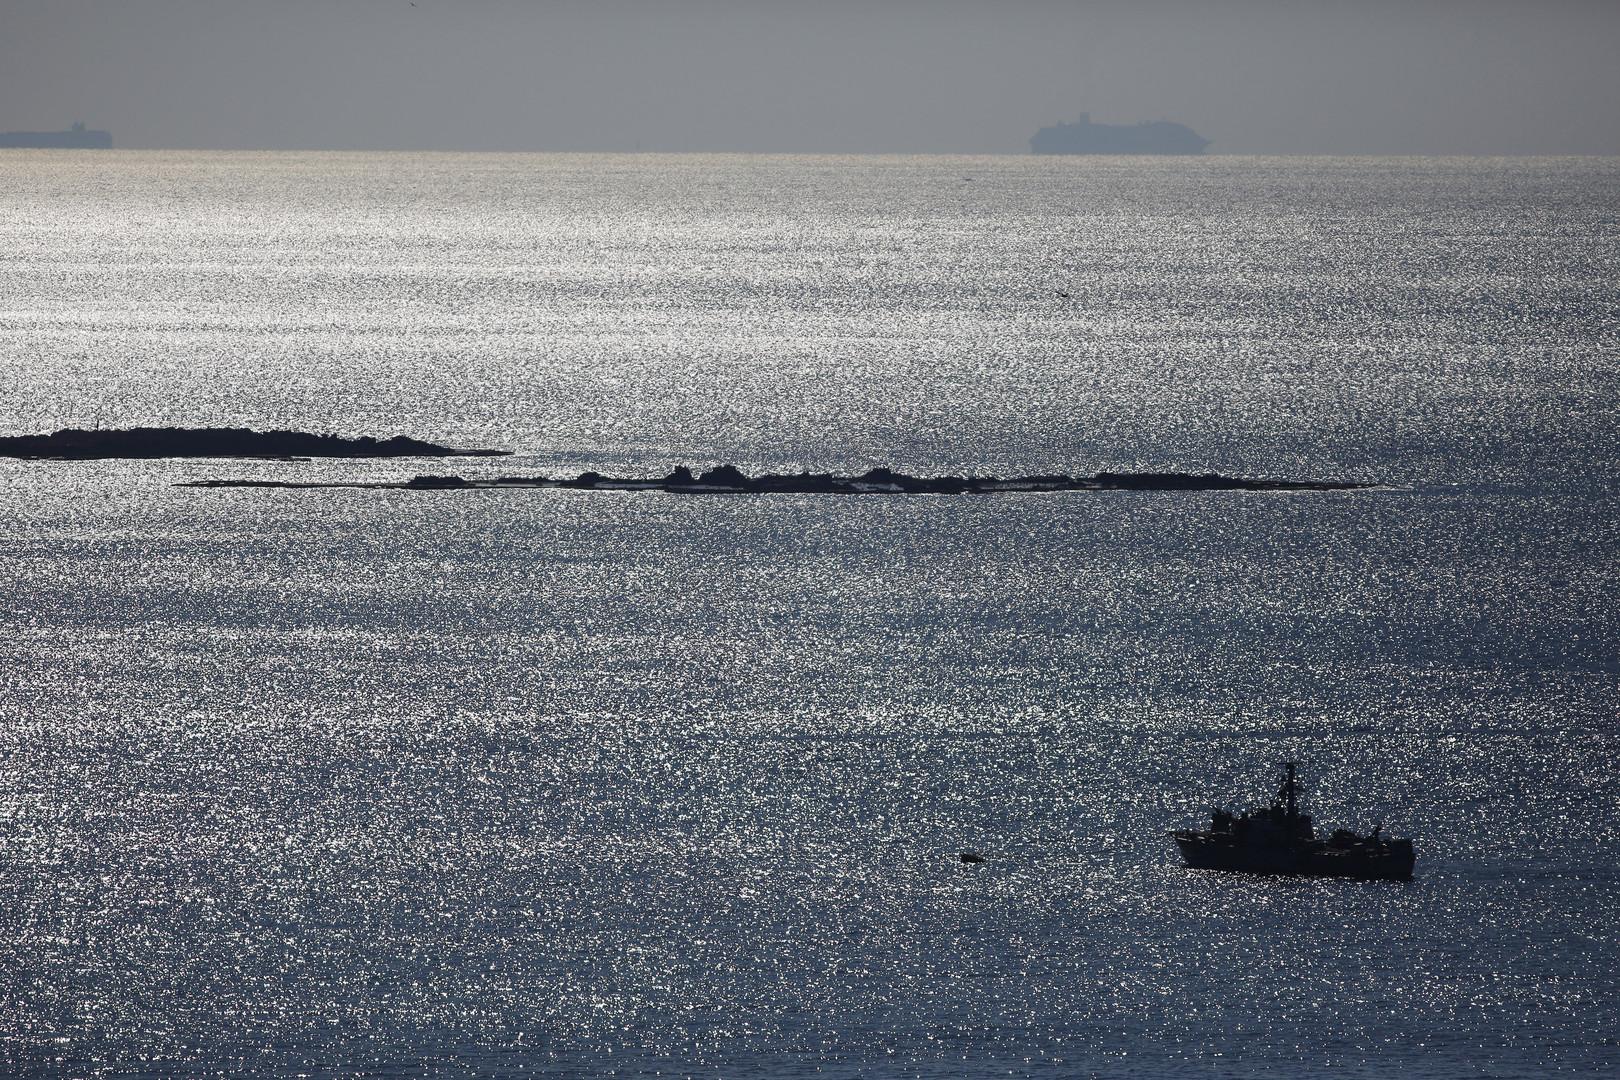 إسرائيل تتوقع عقد محادثات مع لبنان بشأن ترسيم الحدود خلال أسابيع